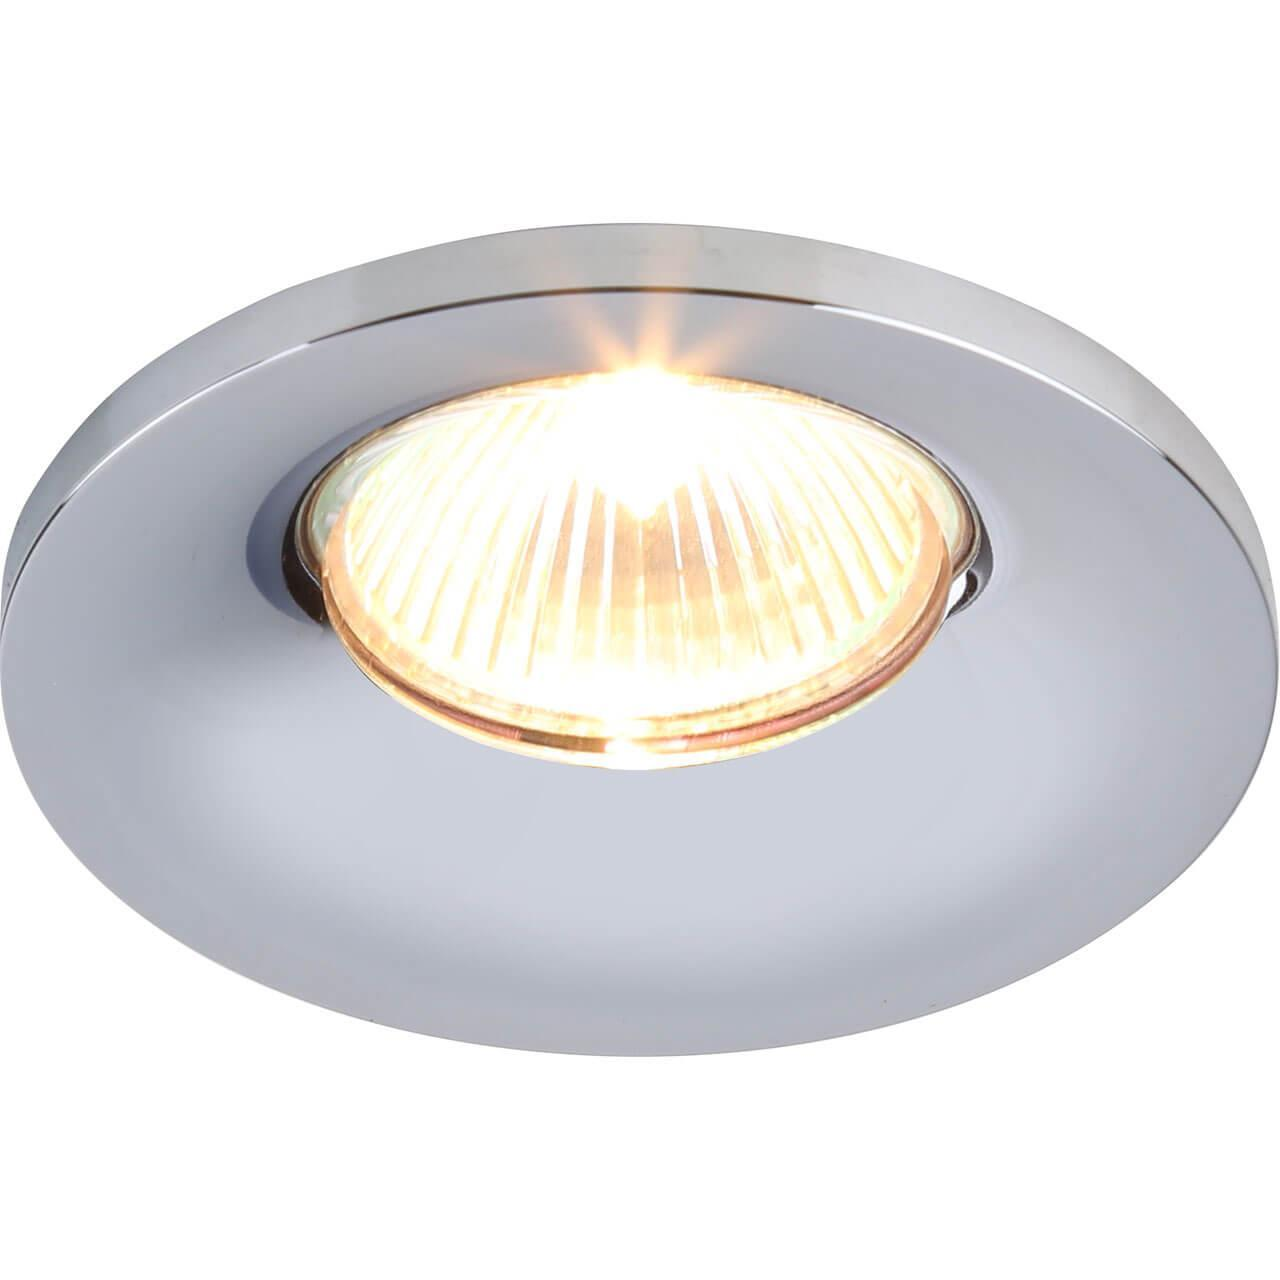 Встраиваемый светильник Divinare Monello 1809/02 PL-1 встраиваемый светильник divinare monello 1809 02 pl 1